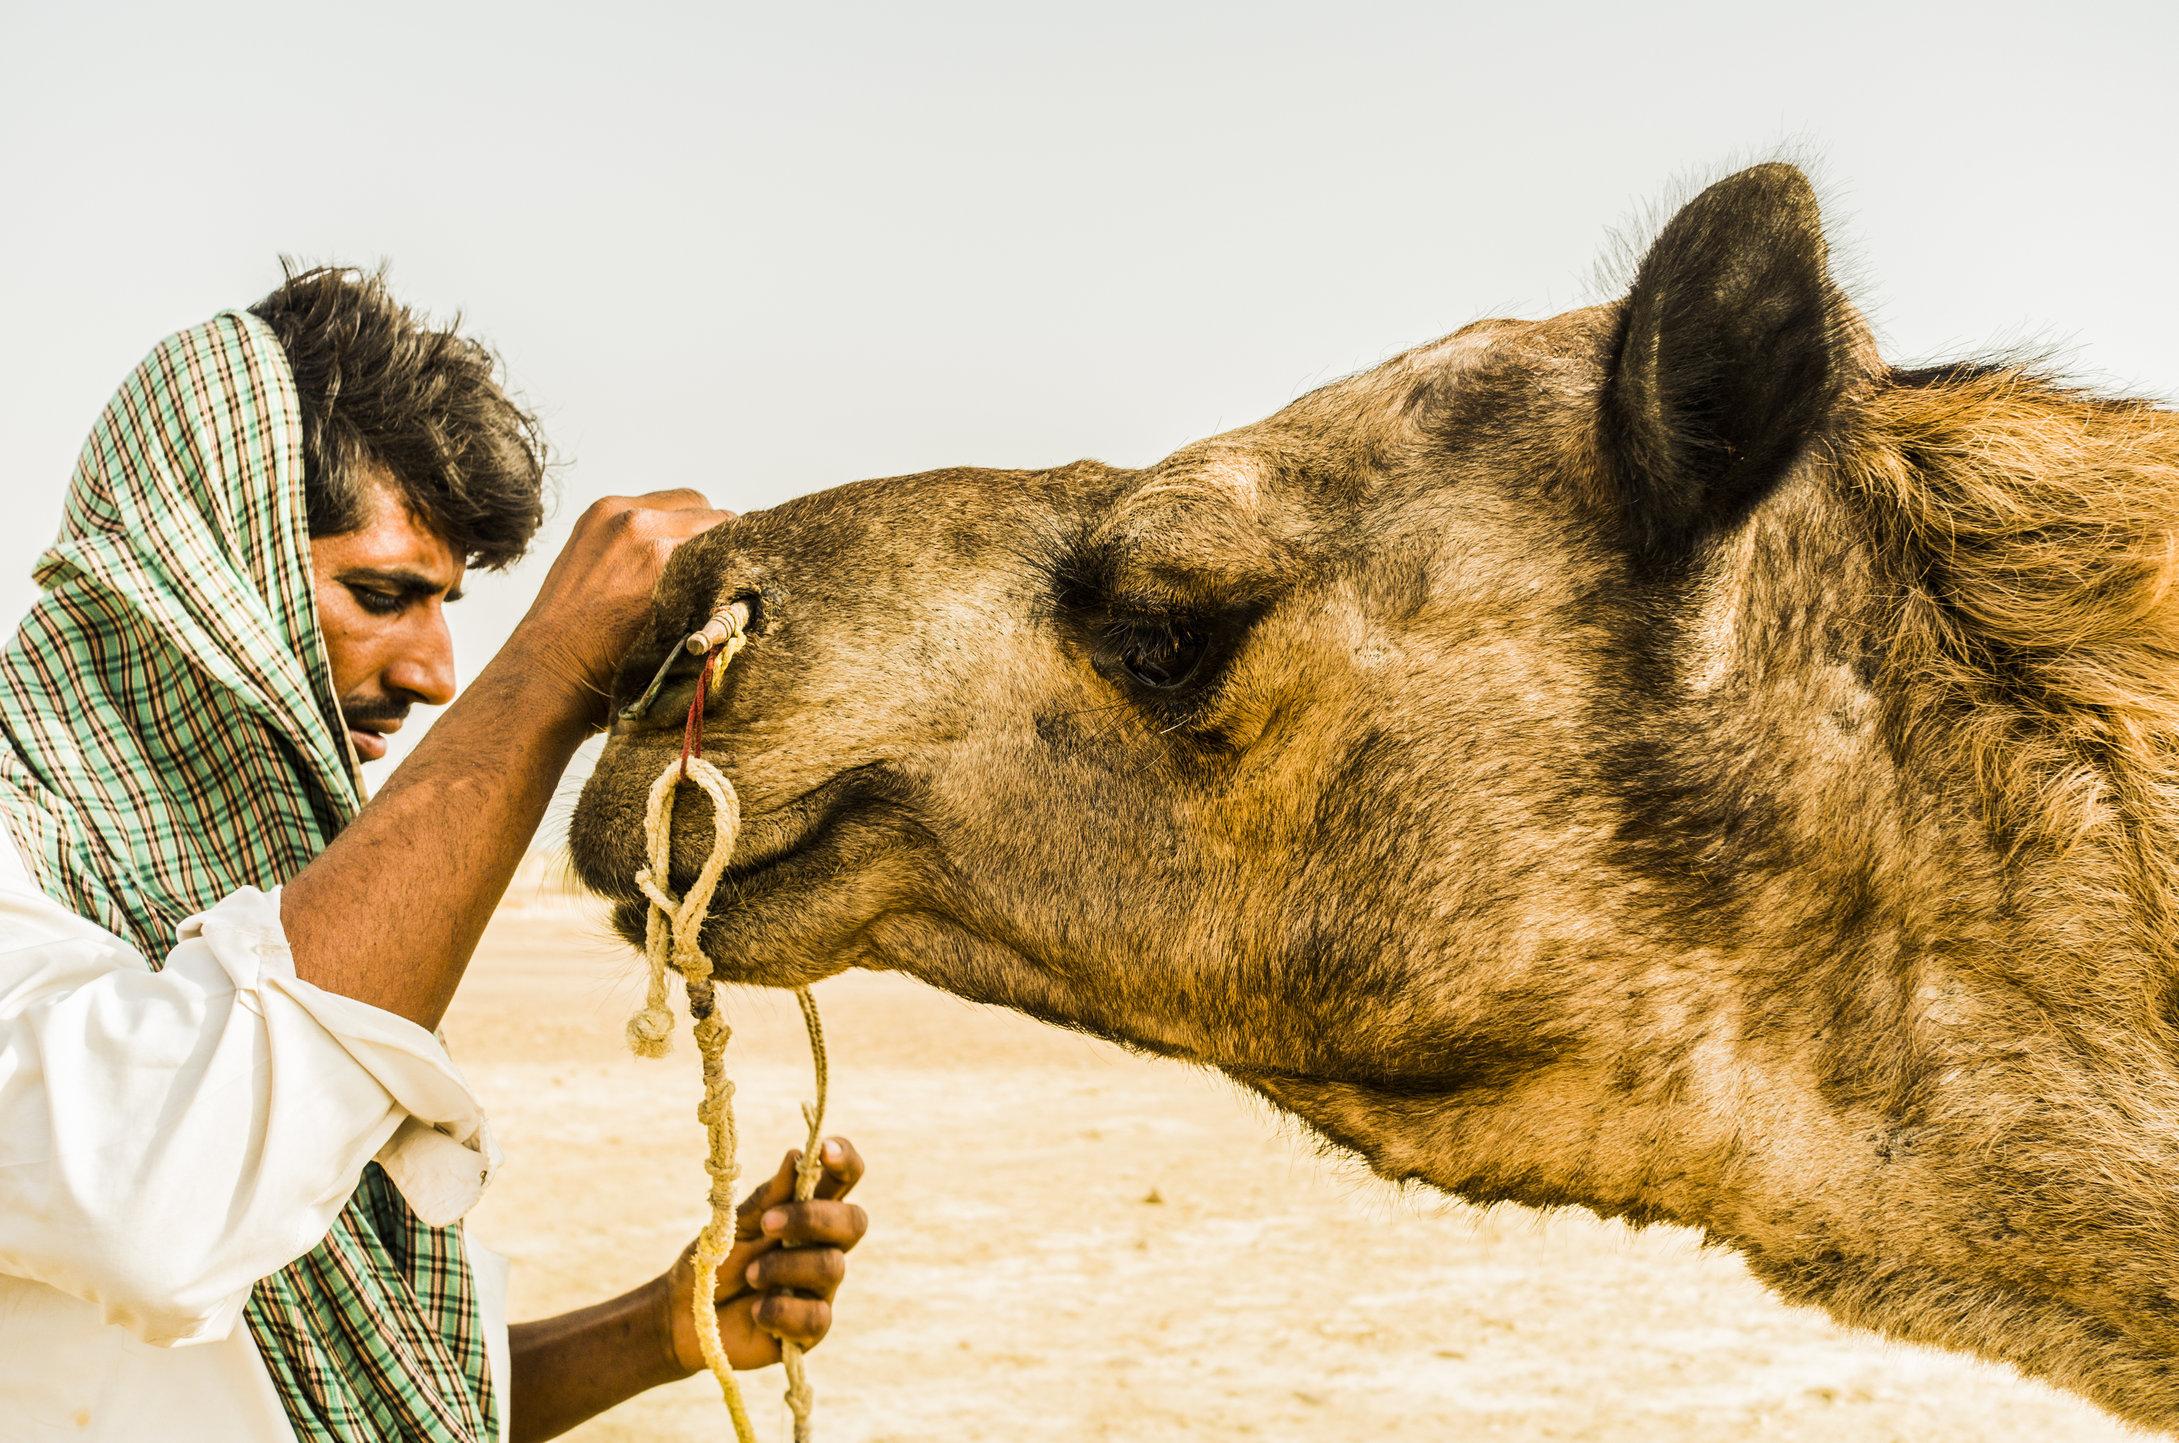 Jaisalmer, India. 2015.